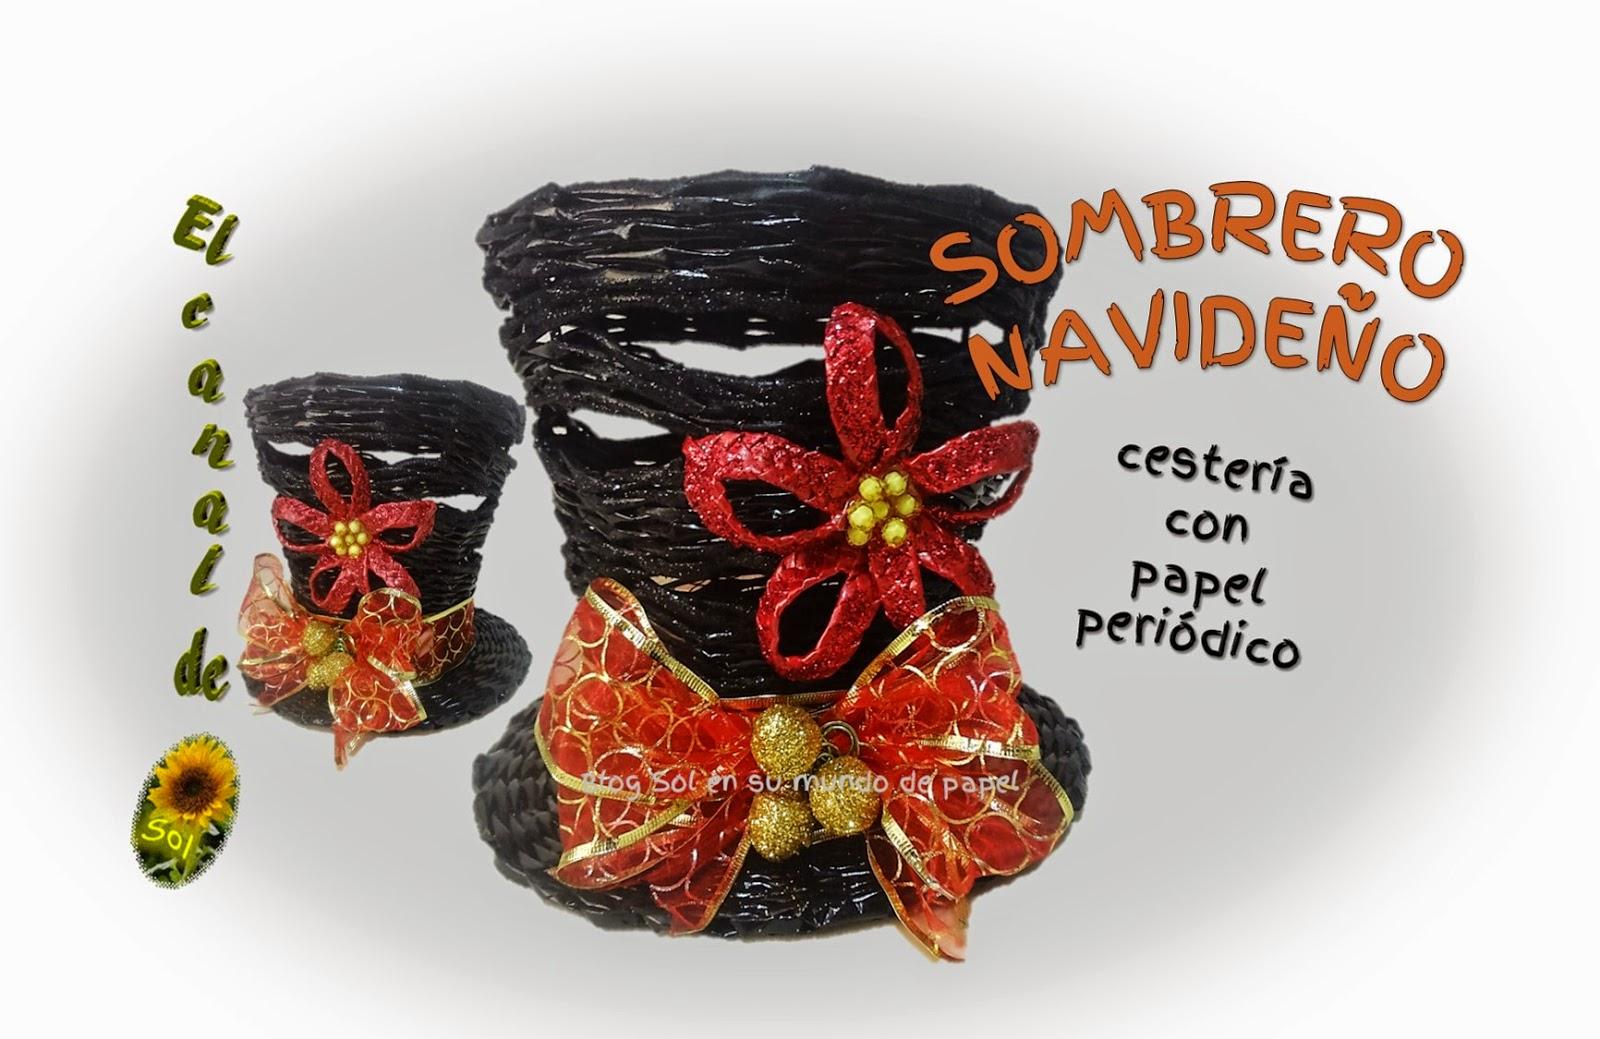 Sombrero navide o cester a con papel peri dico - Cesteria con papel periodico paso a paso ...